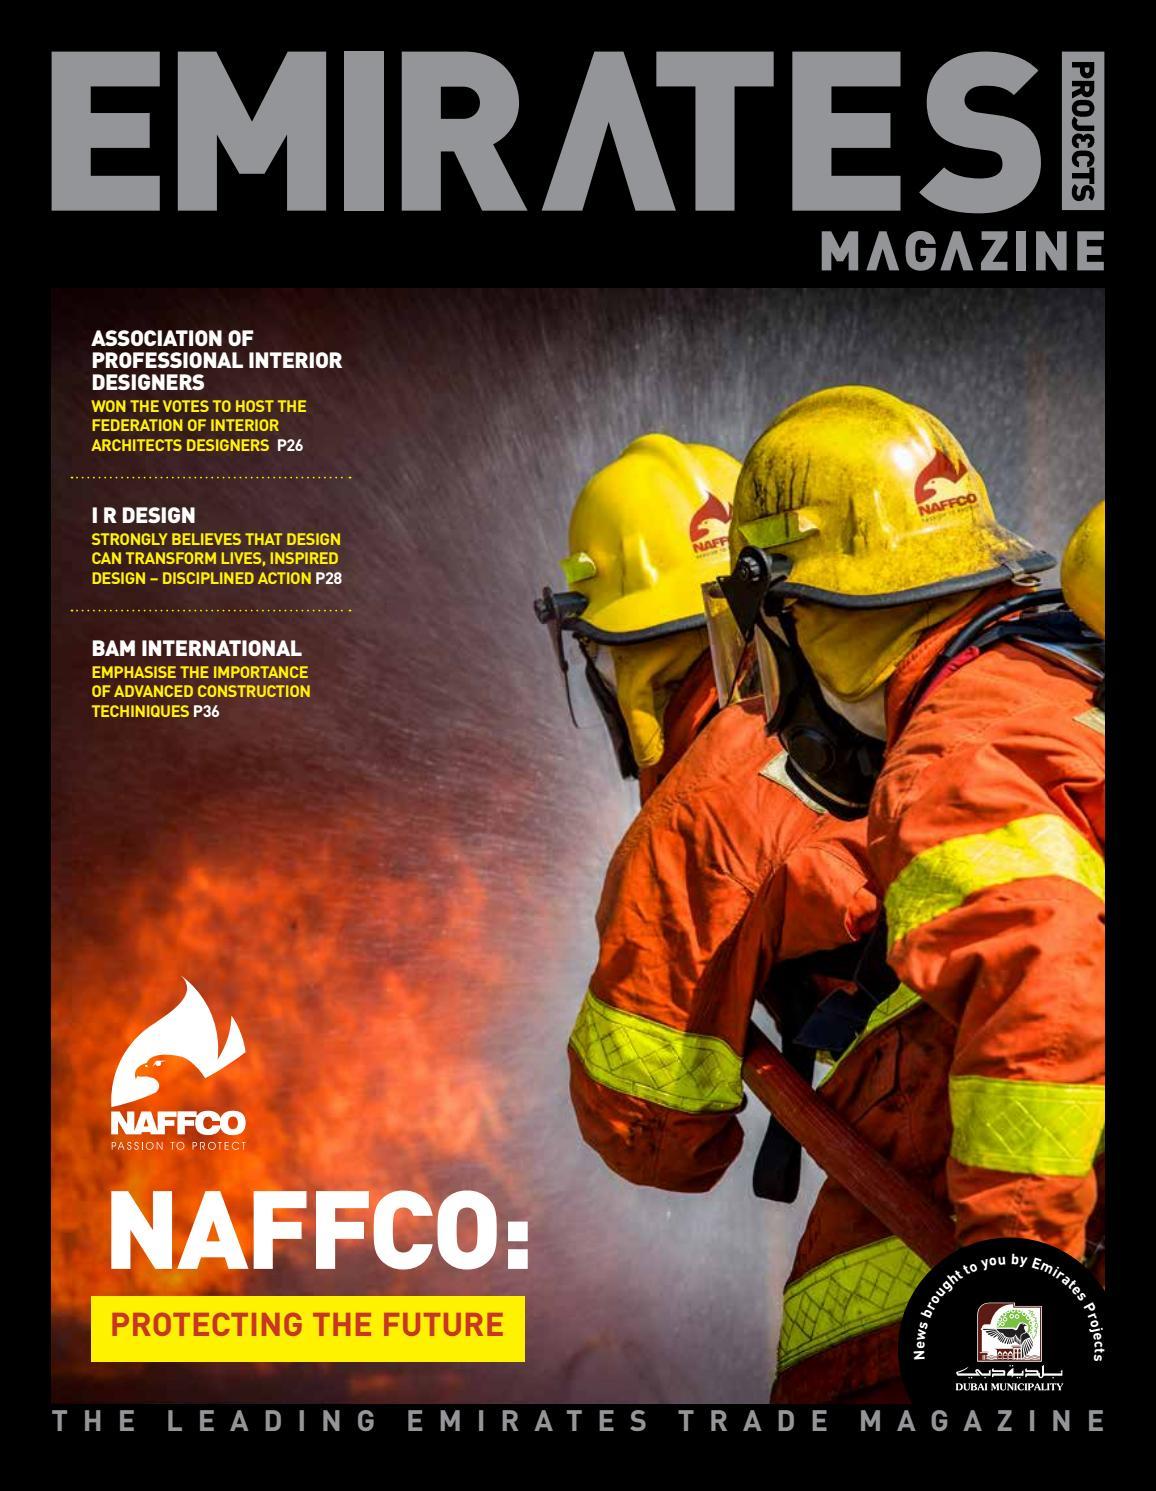 Emirates Projects Magazine 103 by tpg publishing - issuu